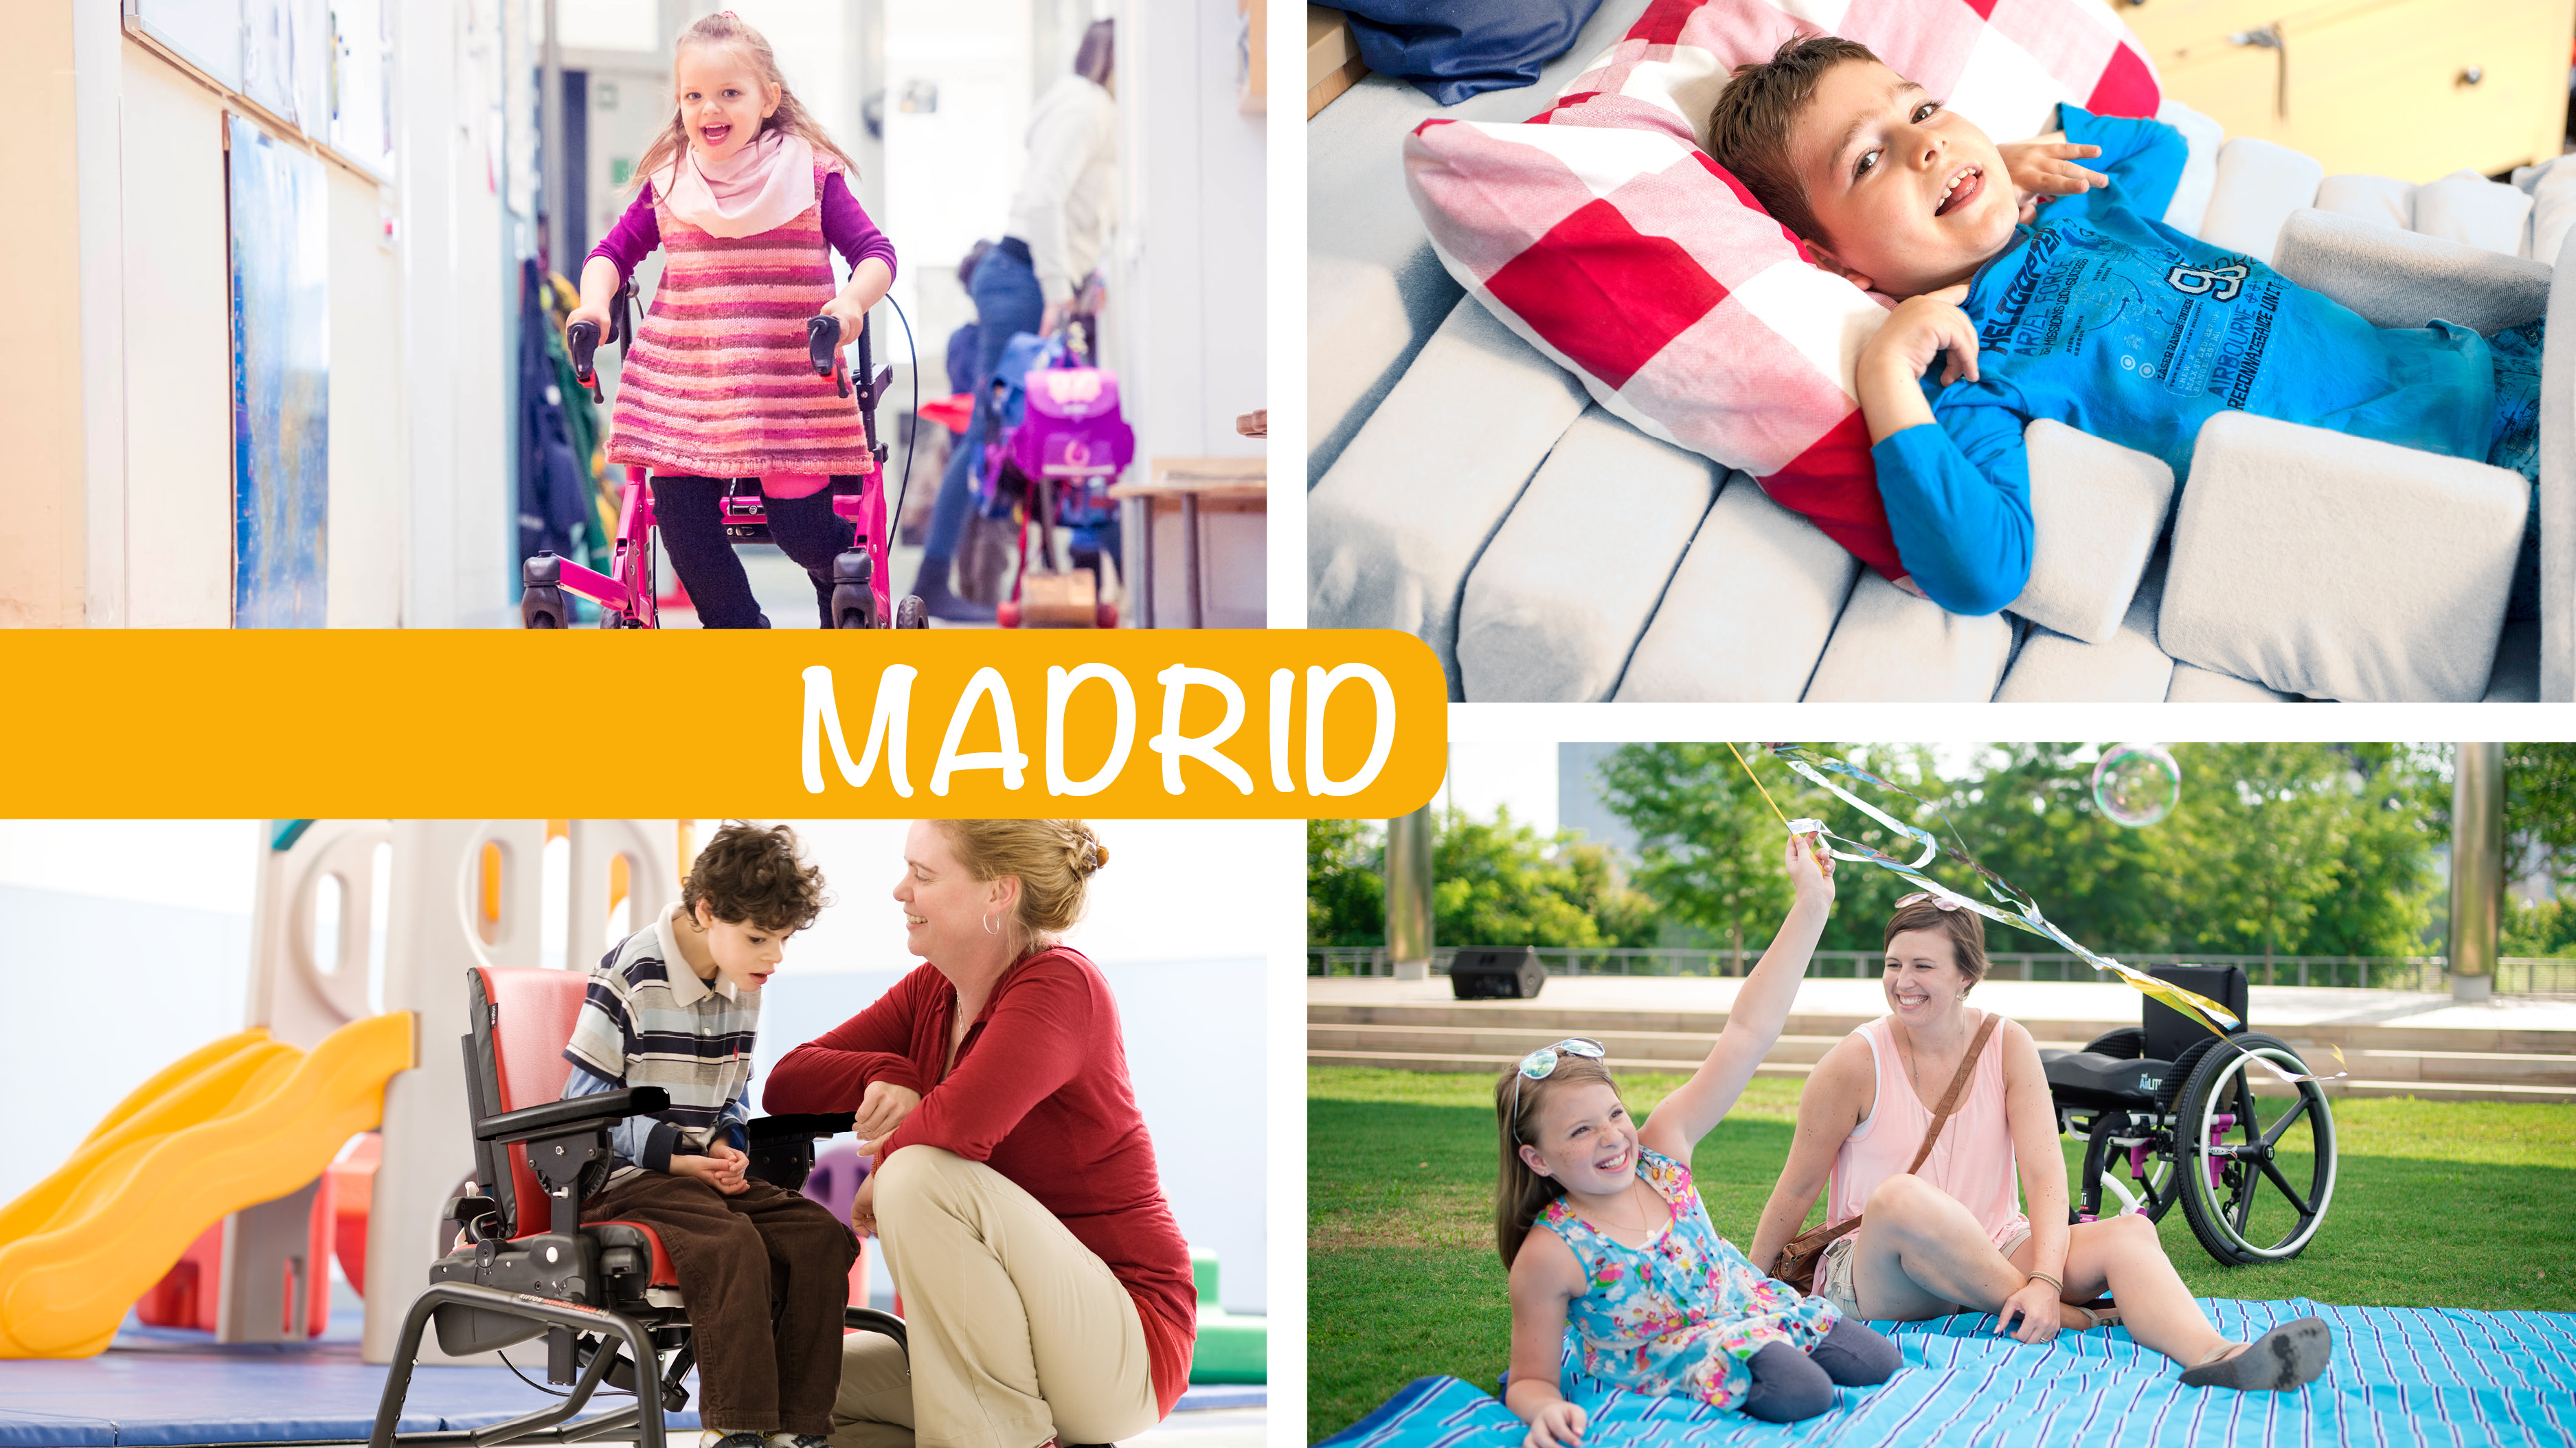 Madrid també acollirà el Rehacademia Family 24 hores